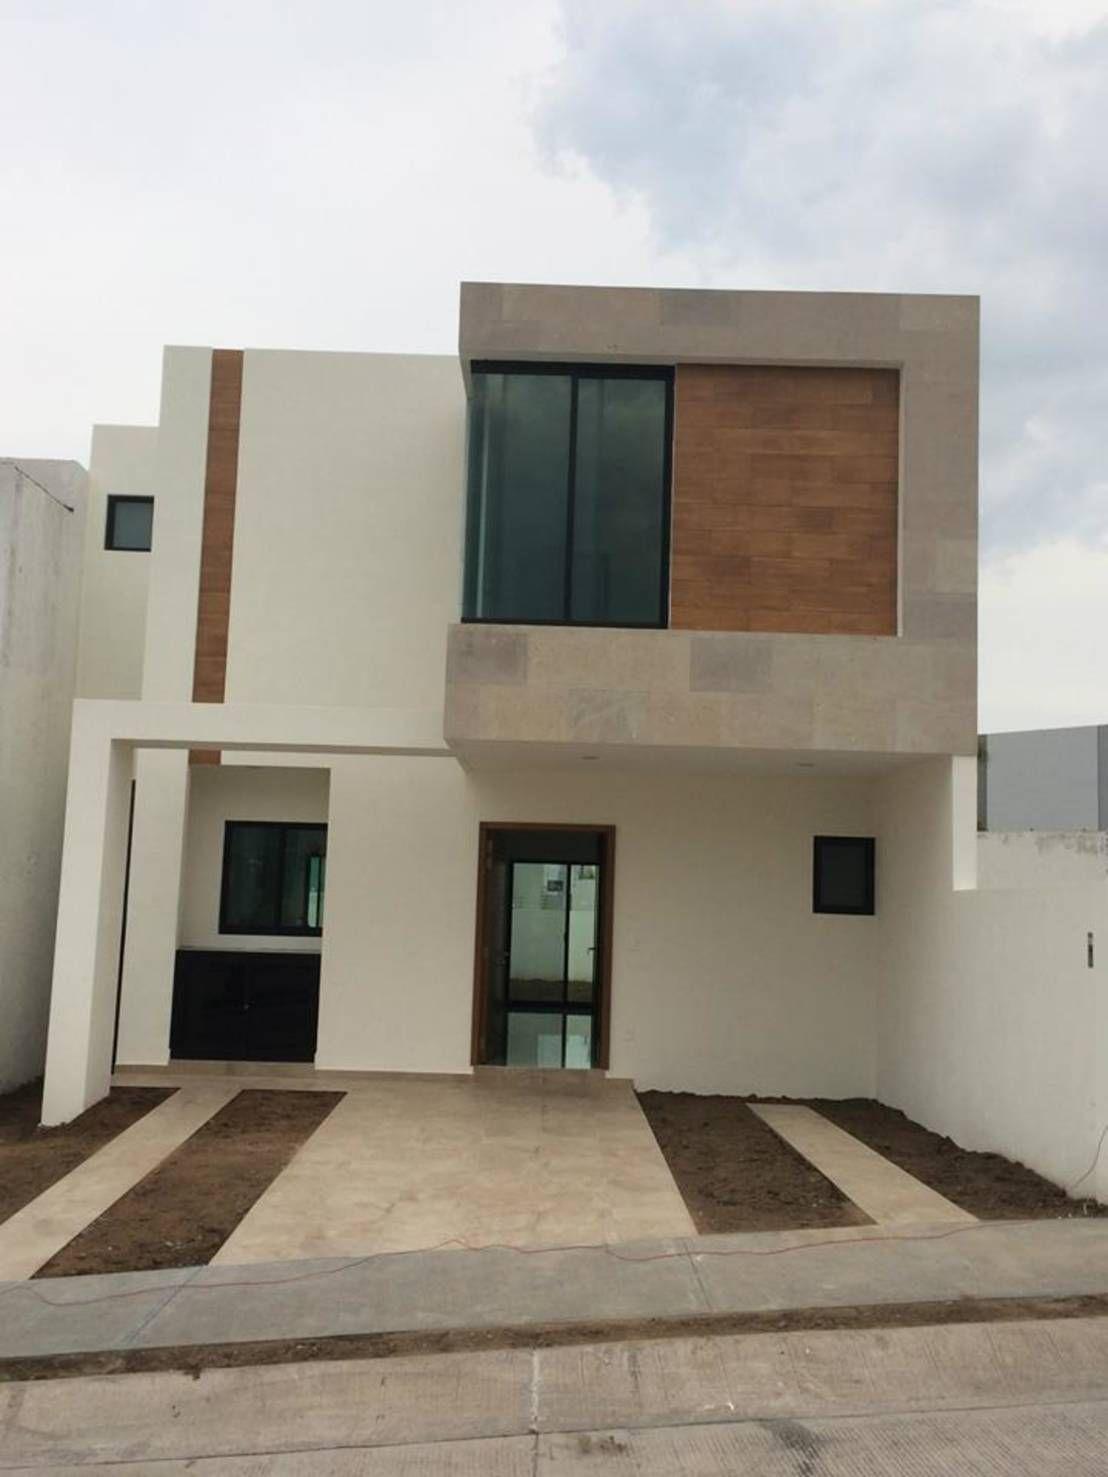 M laga 03 casas modernas de disain arquitectos decoracion pinterest casas casas - Casas prefabricadas en malaga ...